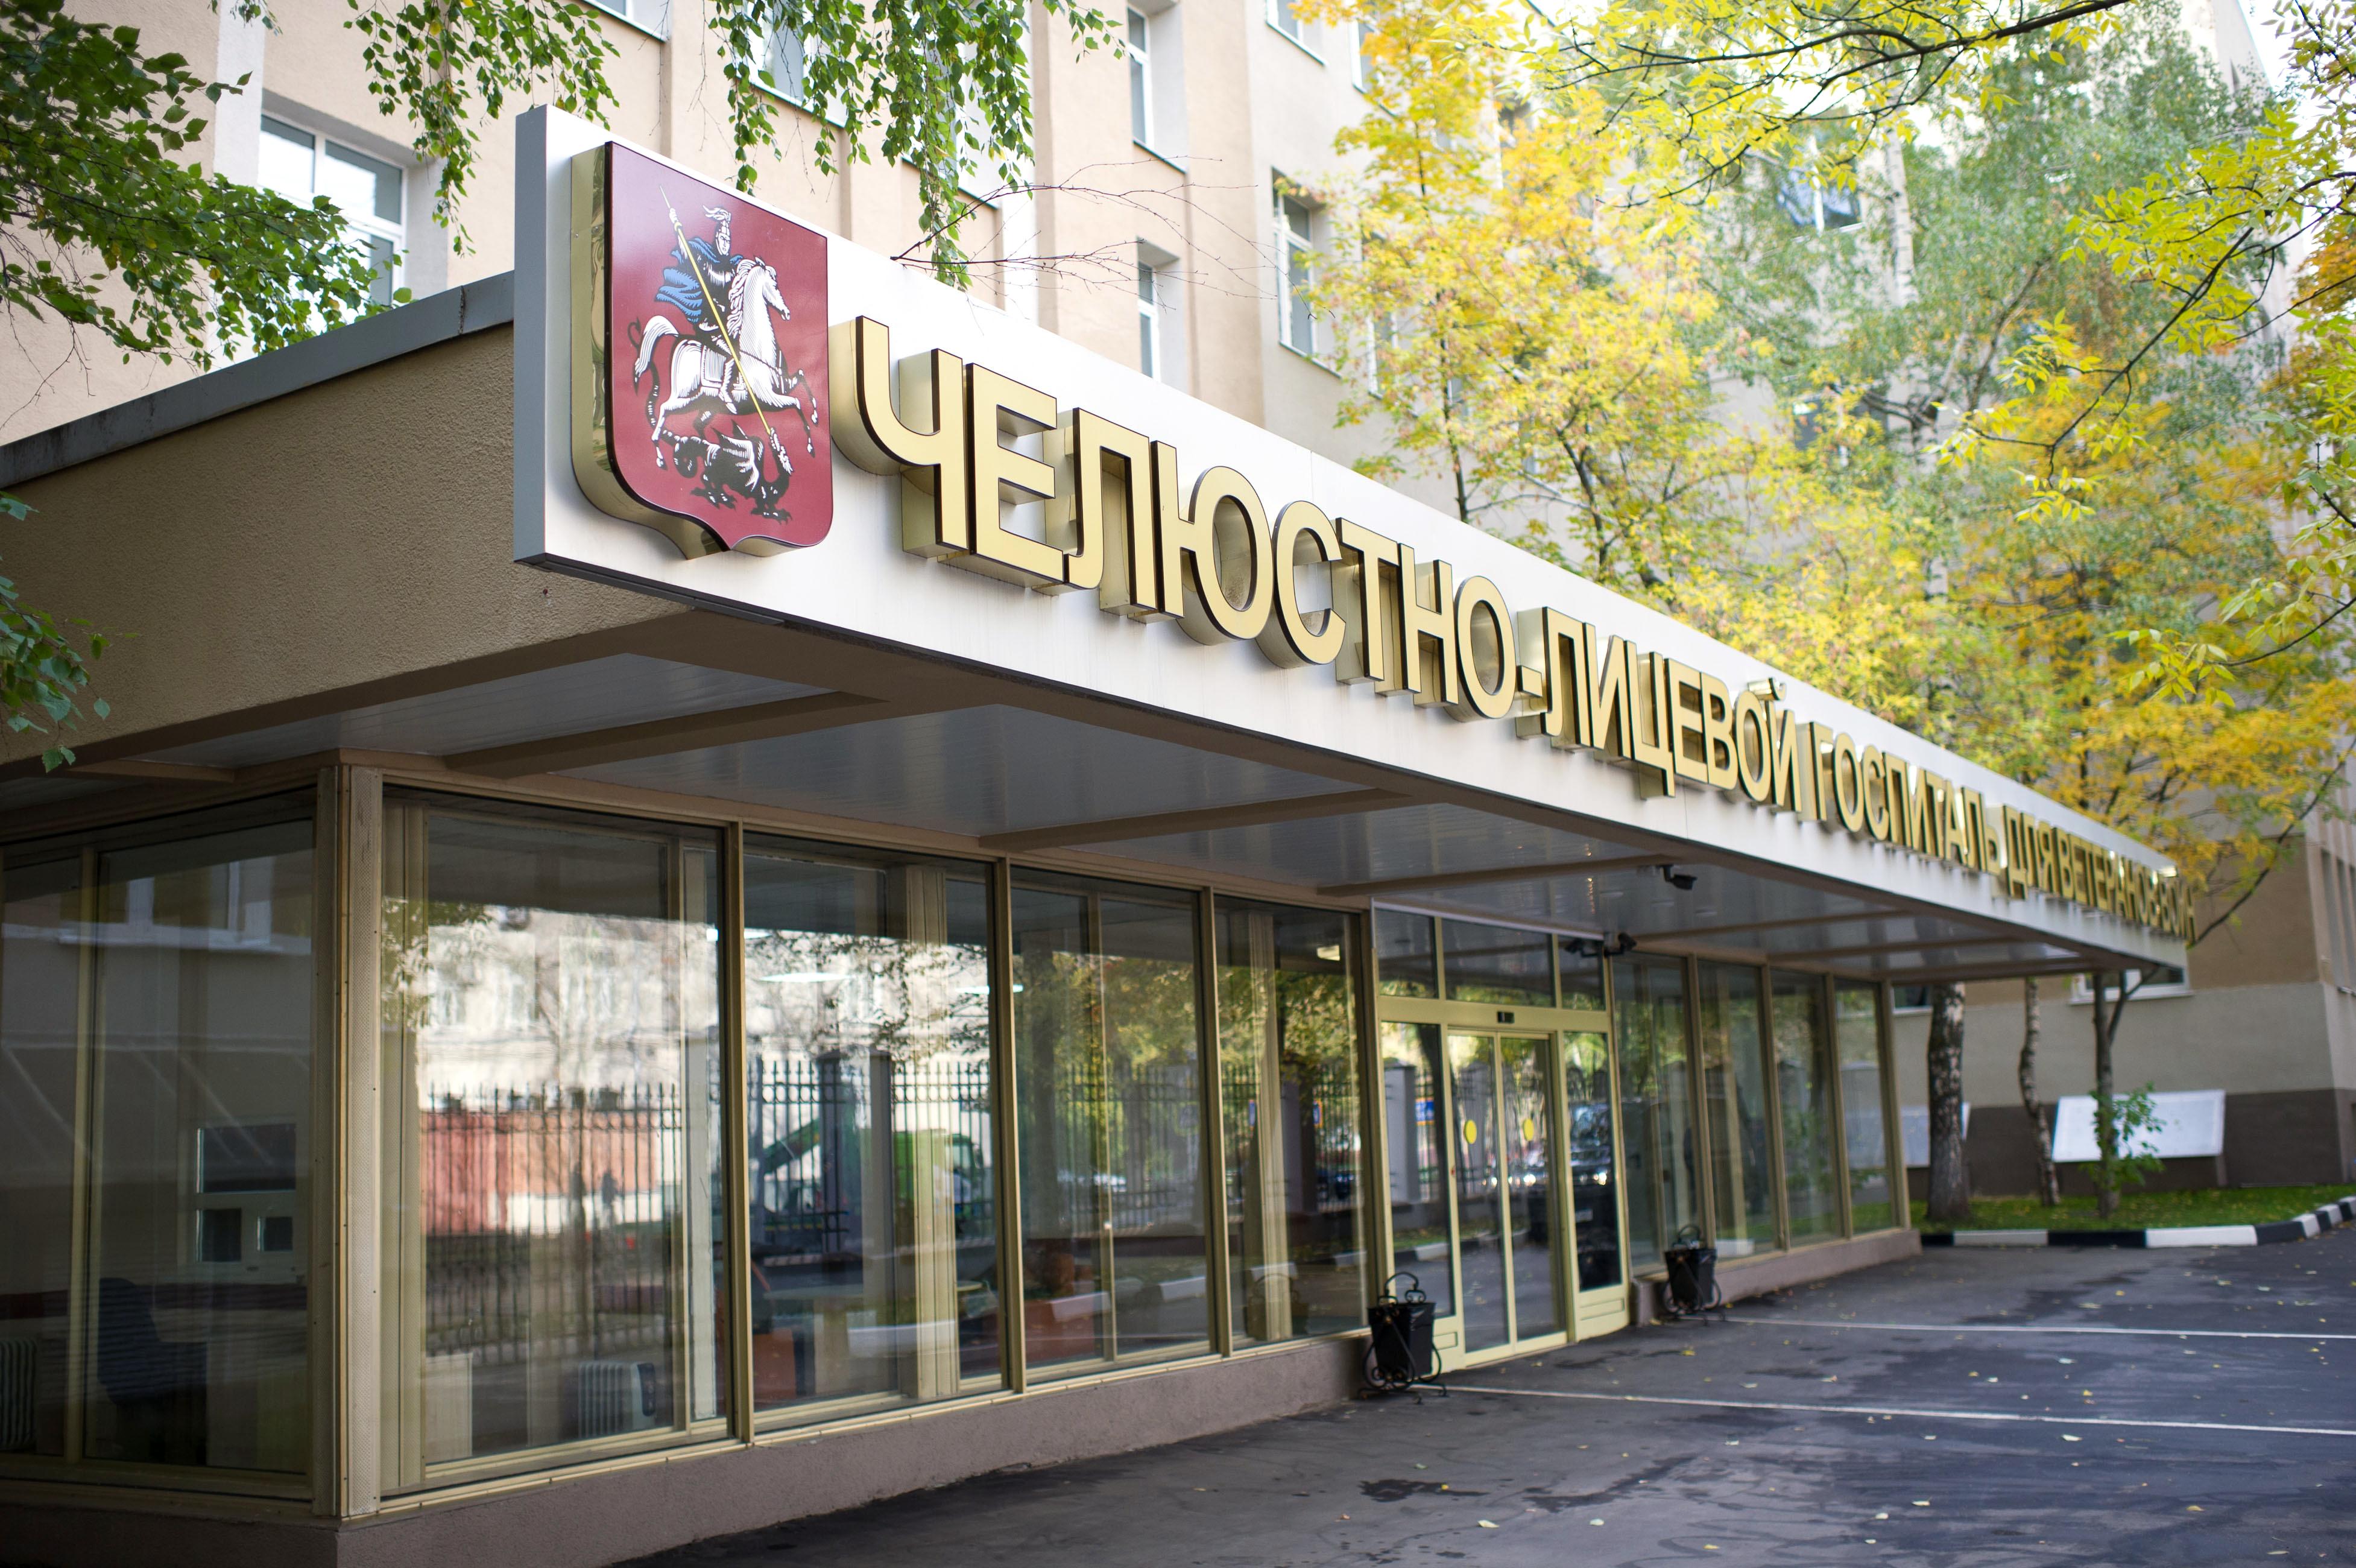 Челюстной-лицевой госпиталь для ветеранов войн